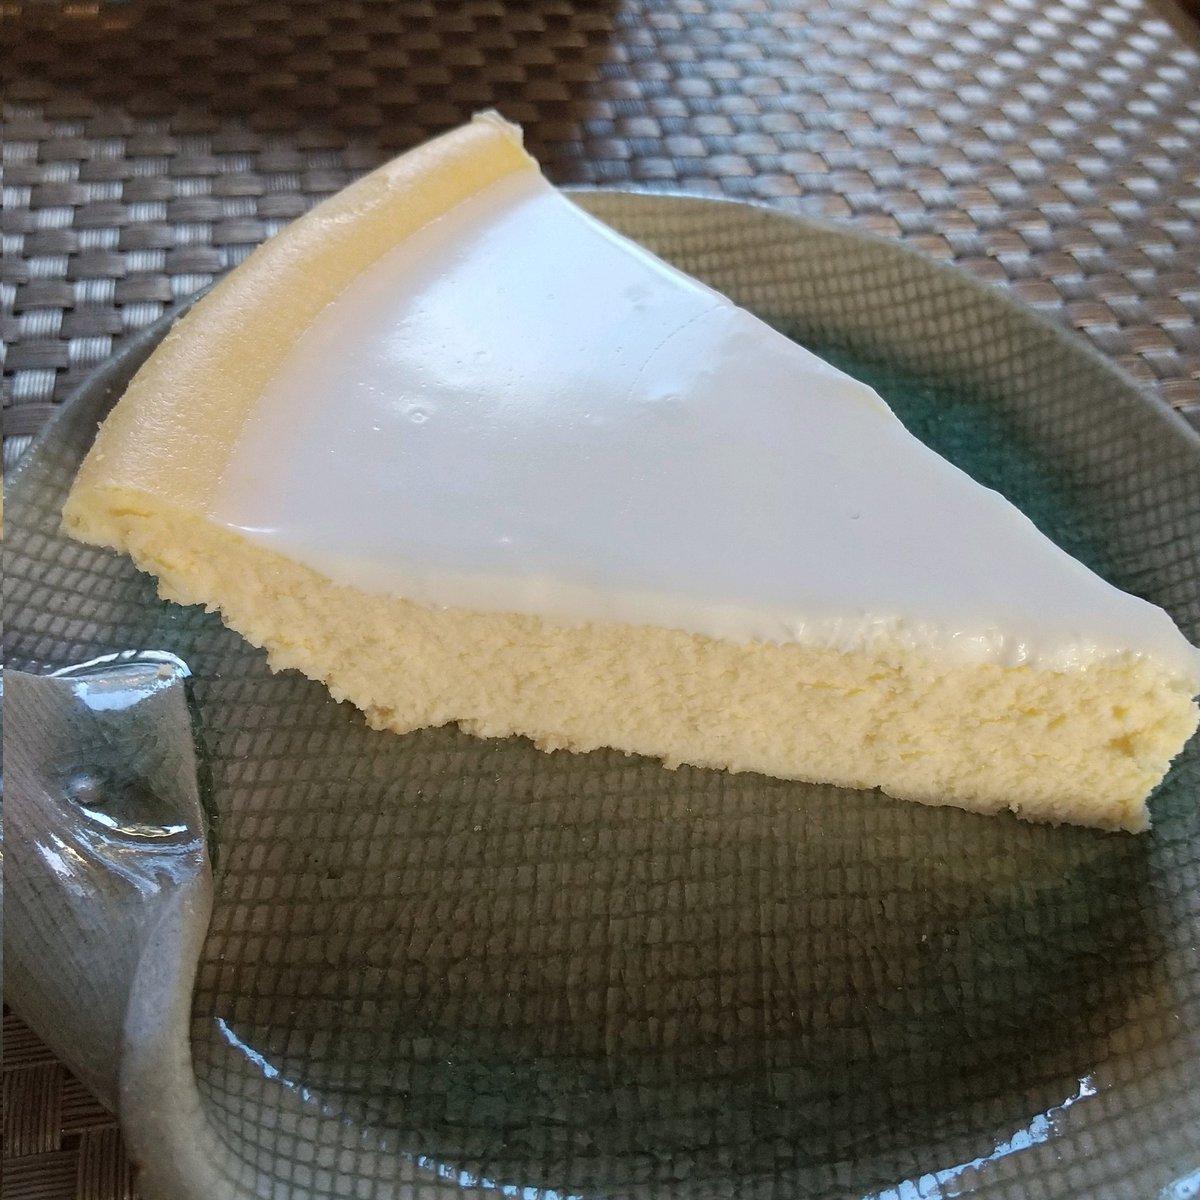 test ツイッターメディア - 塩原お土産に御用邸チーズケーキ買ってきてもらえなかったので… (そっち方面行かなかったから~と一言。) 日光まで行かずに、東武デパートのテナント明治の館で🧀ニルバーナ🎂を買ってきた'٩꒰。•◡•。꒱۶'断面綺麗✨ 久々だな、美味しさを思い出しながら食べる~👏🥄👏🥄👏 https://t.co/yeuNfuCHtX